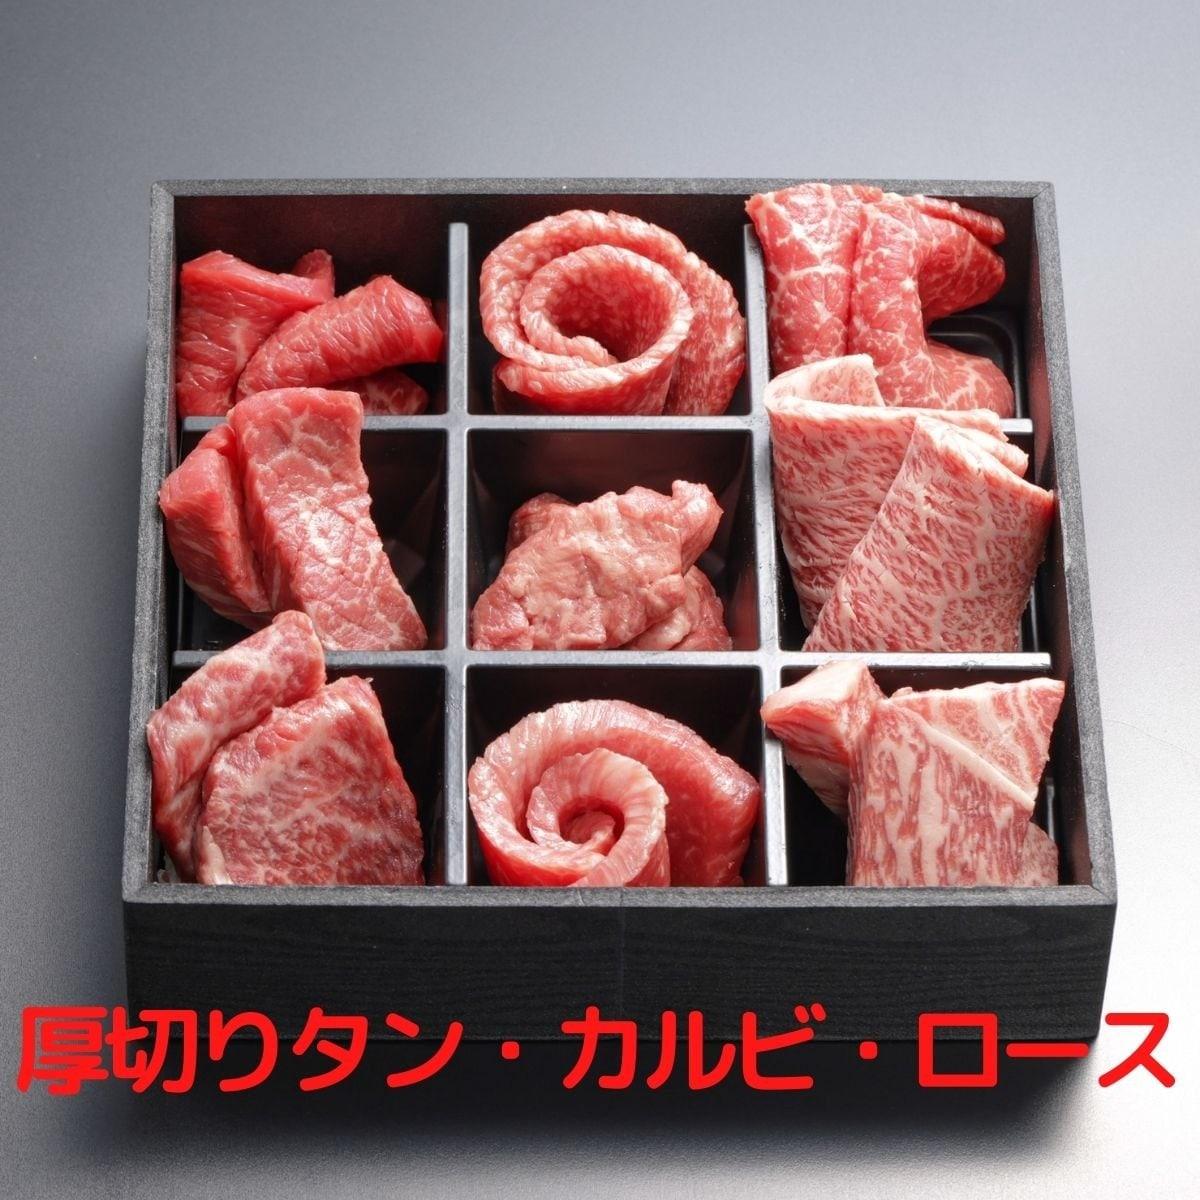 【店頭受け取り専用】のざき牛和牛9種盛り(2人用)厳選希少赤身肉6種類など全9種類の盛合わせです!豪華おうち焼肉!のイメージその2